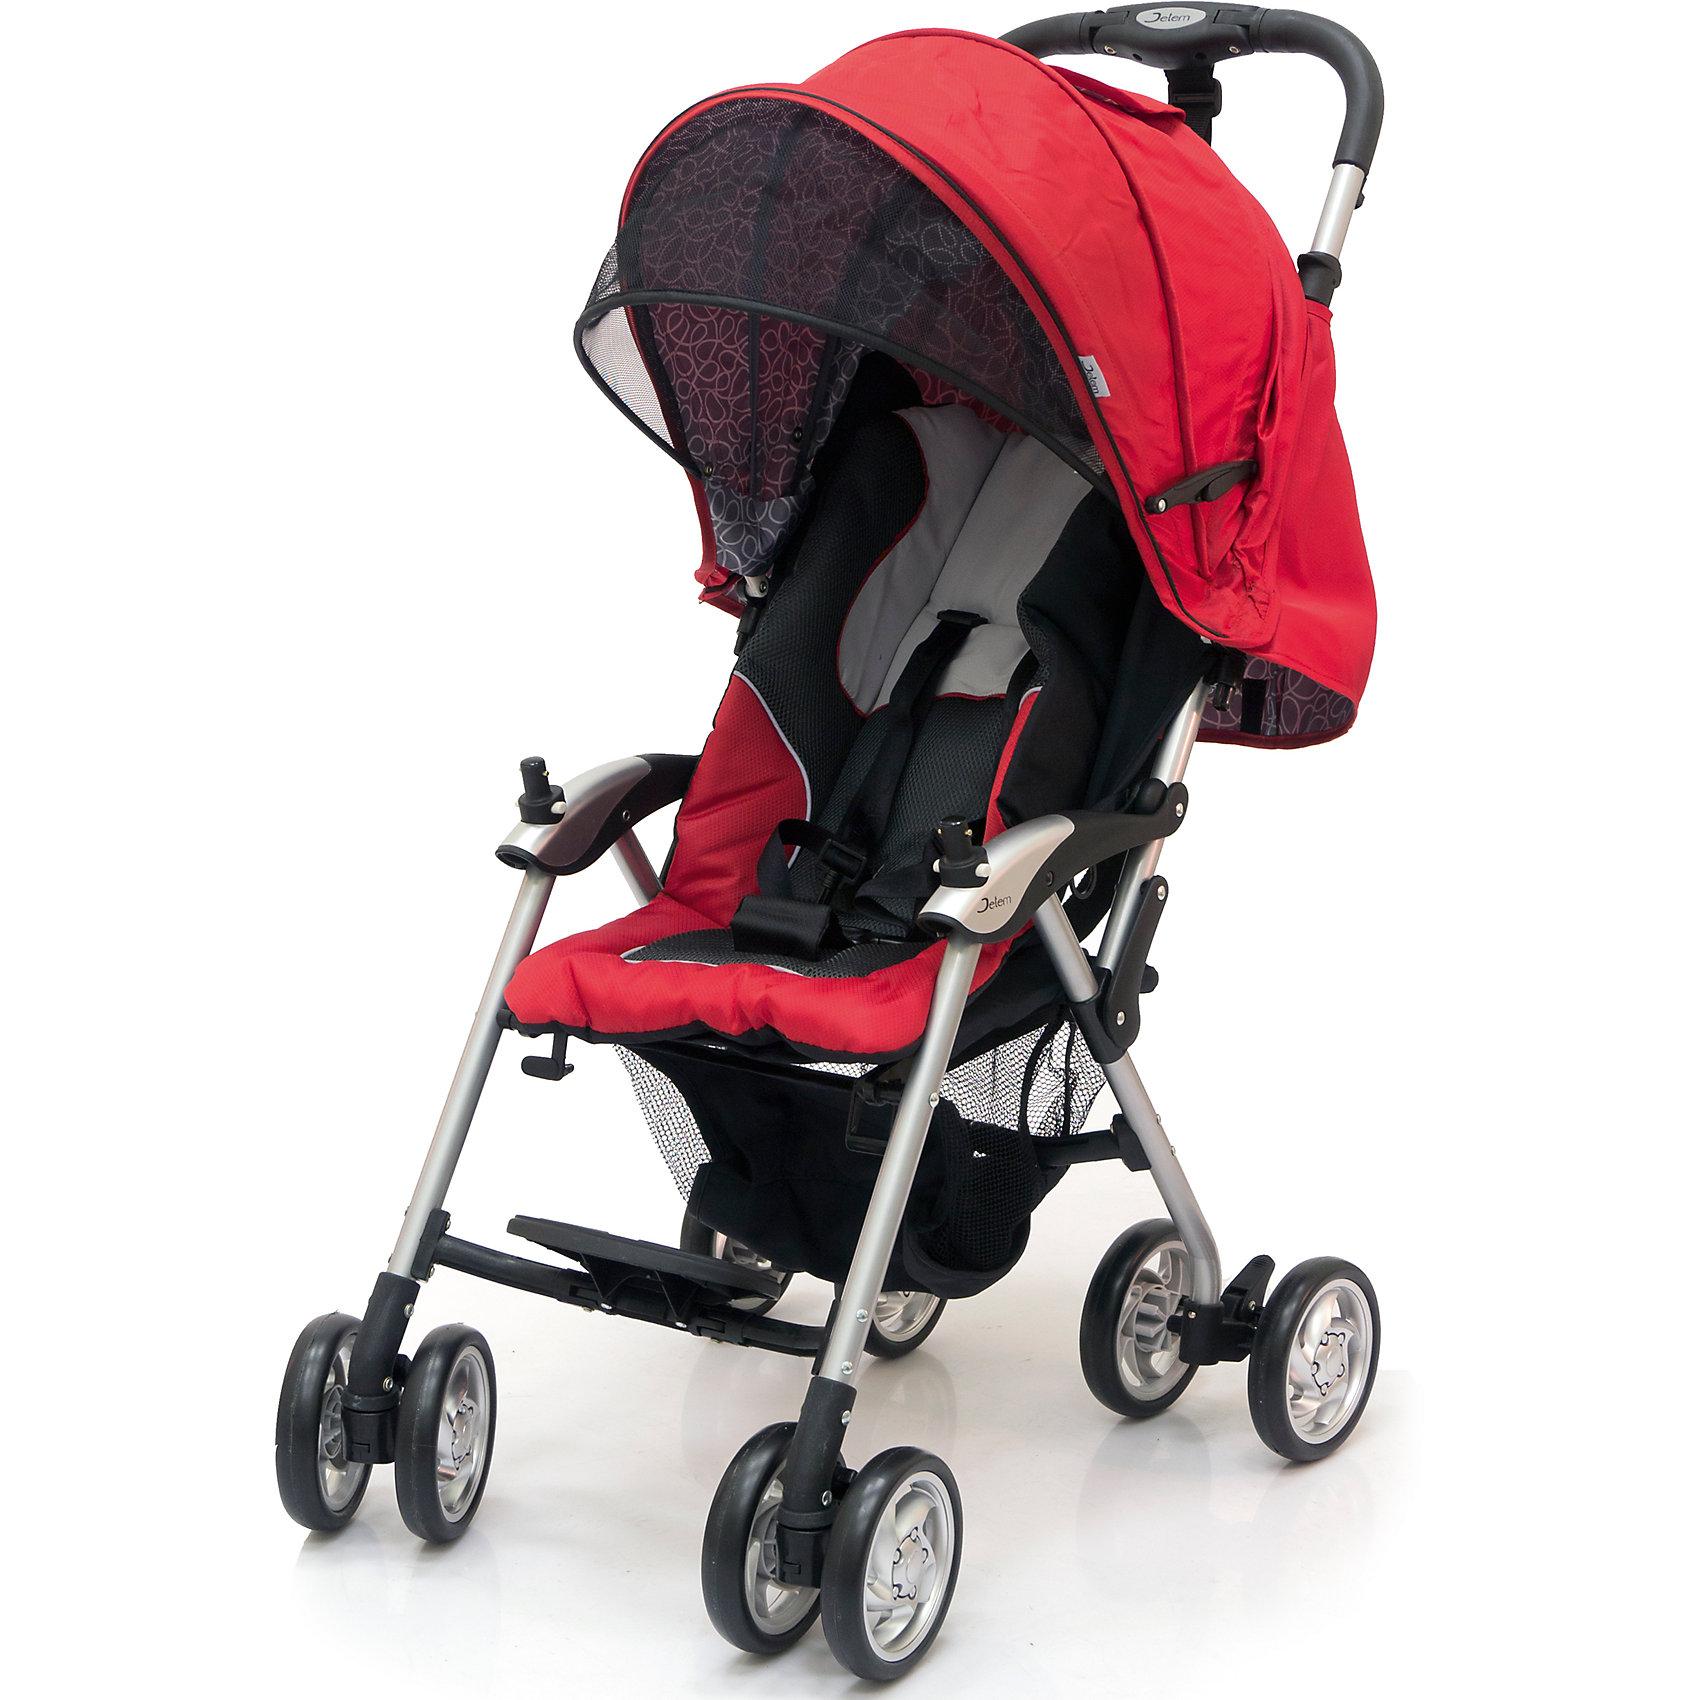 Прогулочная коляска Elegant, Jetem, черный/красный